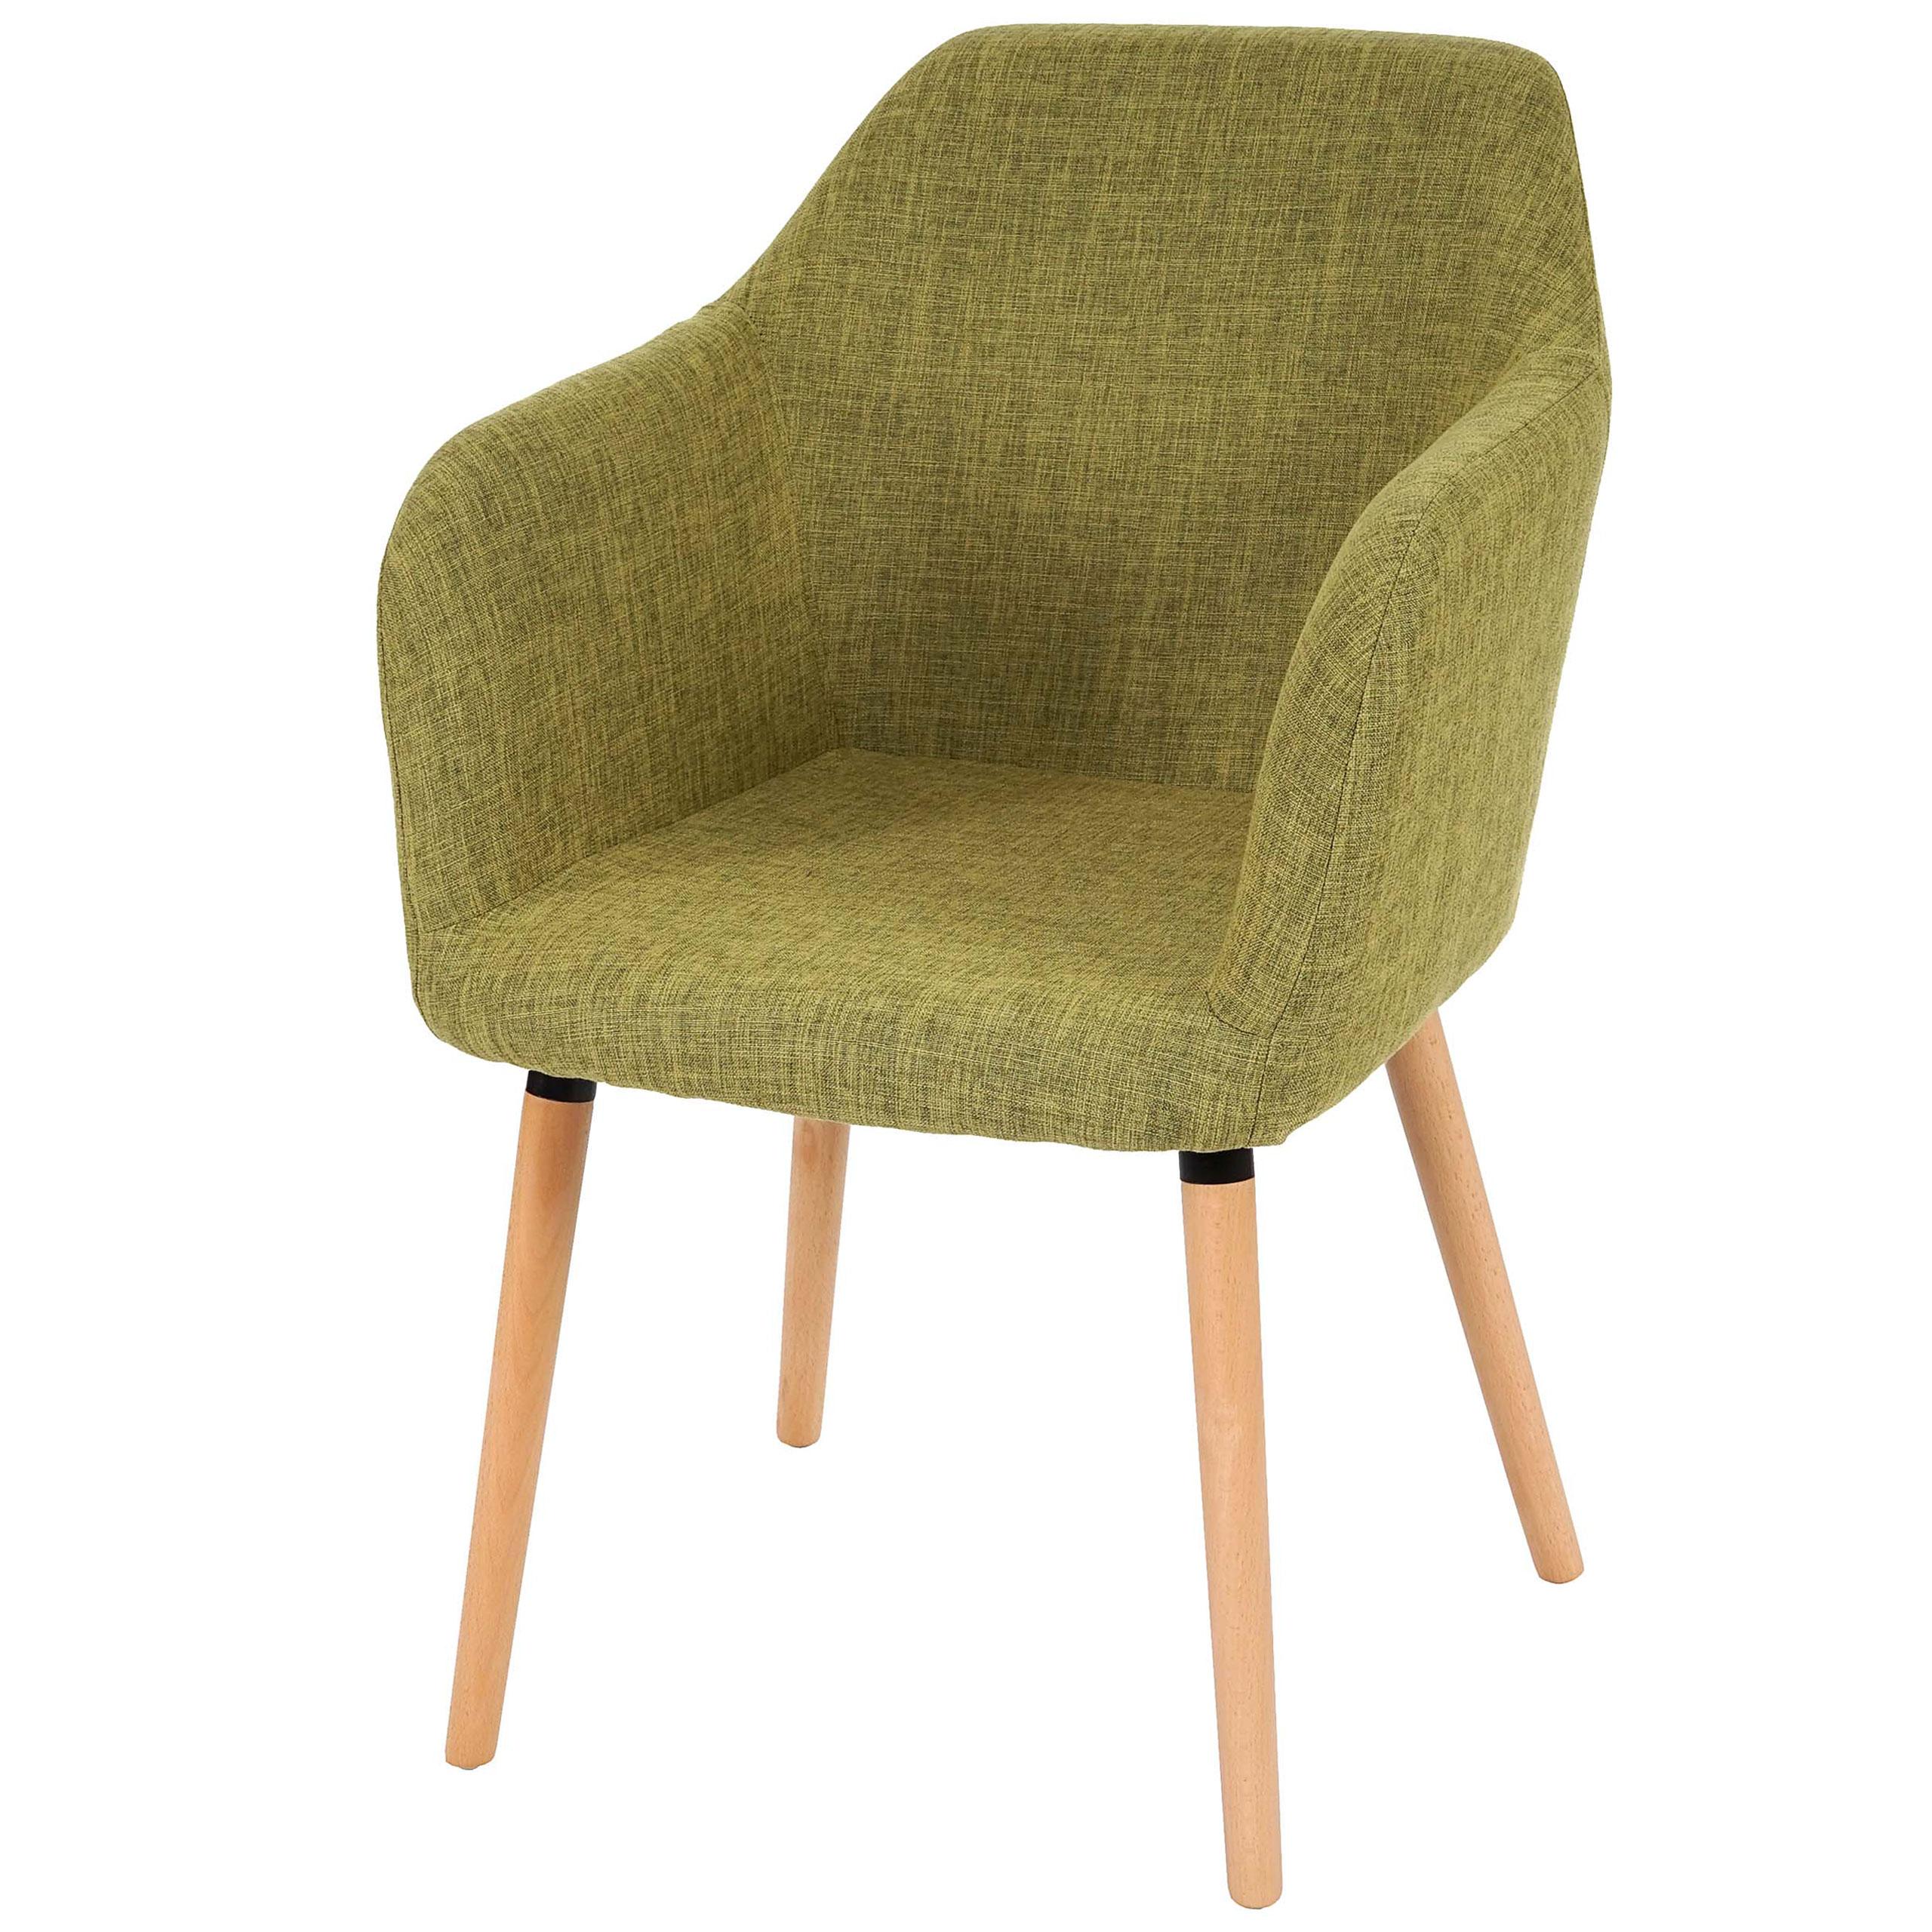 esszimmerstuhl malm t381 stuhl lehnstuhl retro 50er jahre design textil hellgr n. Black Bedroom Furniture Sets. Home Design Ideas